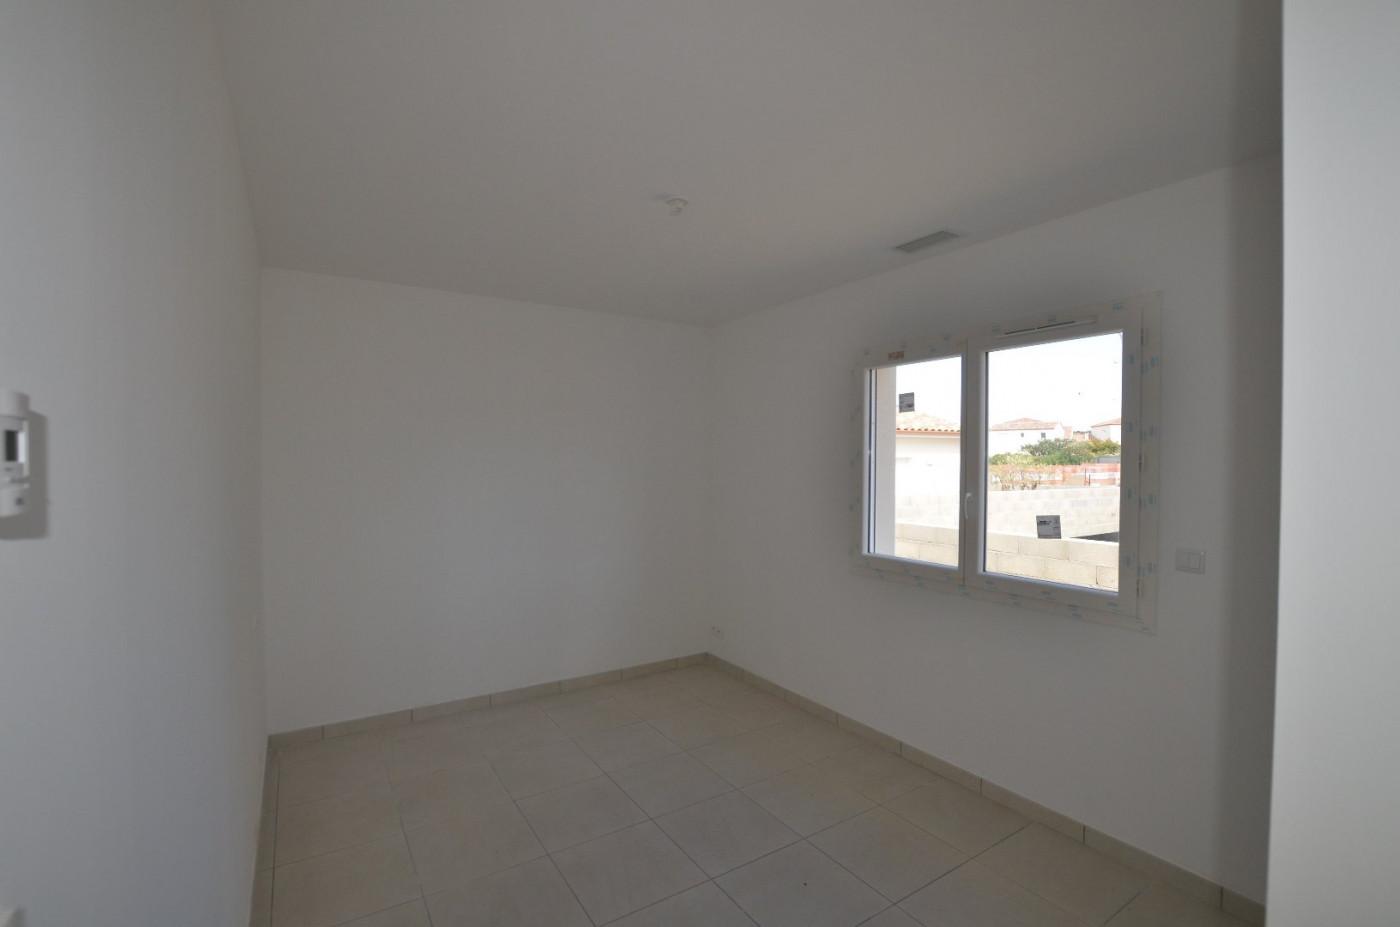 A vendre Nissan Lez Enserune 346572533 Vives immobilier